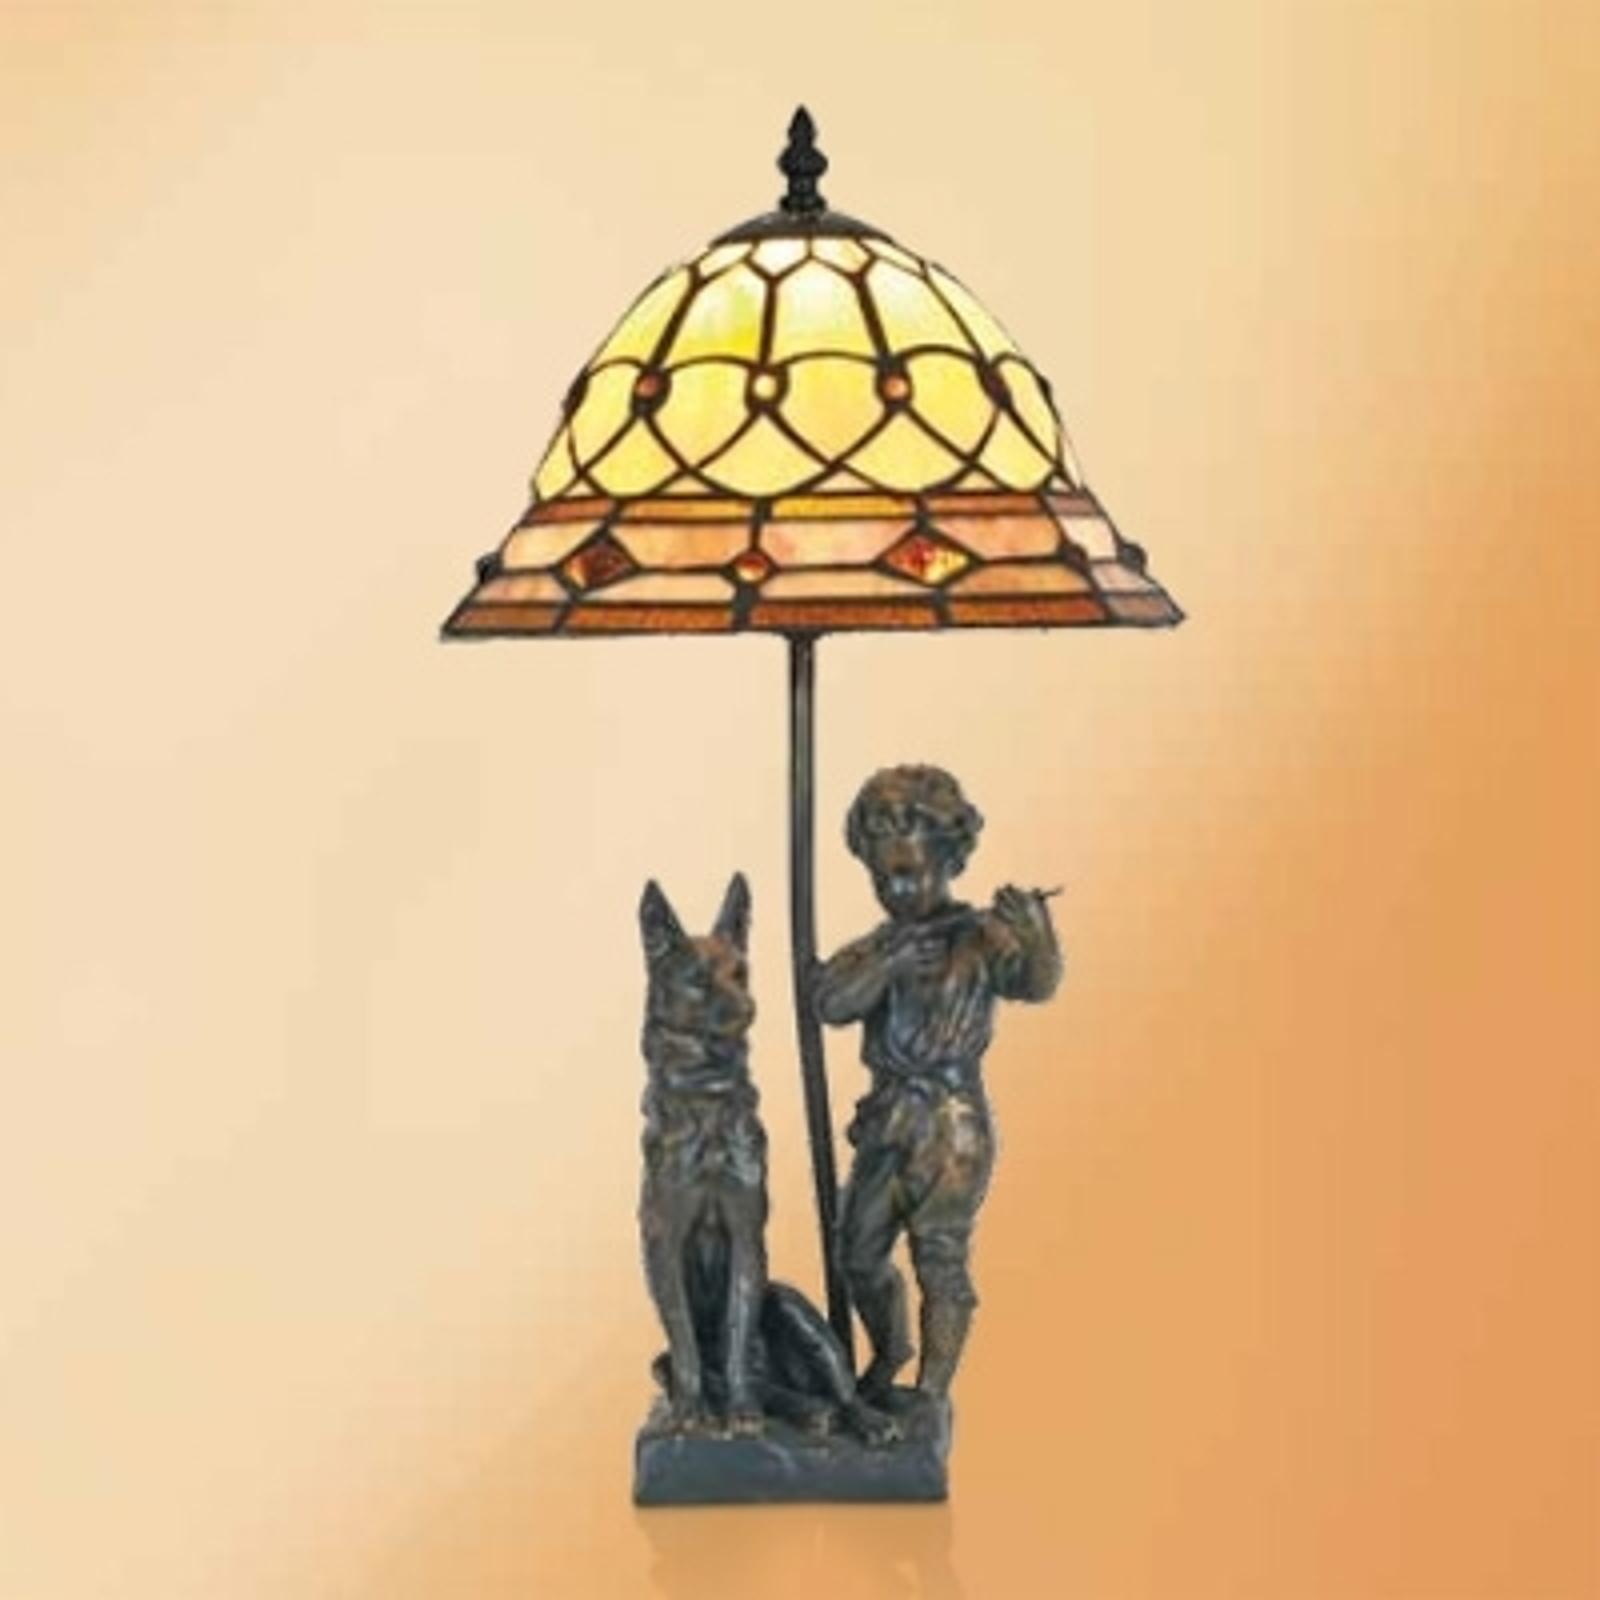 Hugo stolná lampa živicové figúrky štýl Tiffany_1032299_1